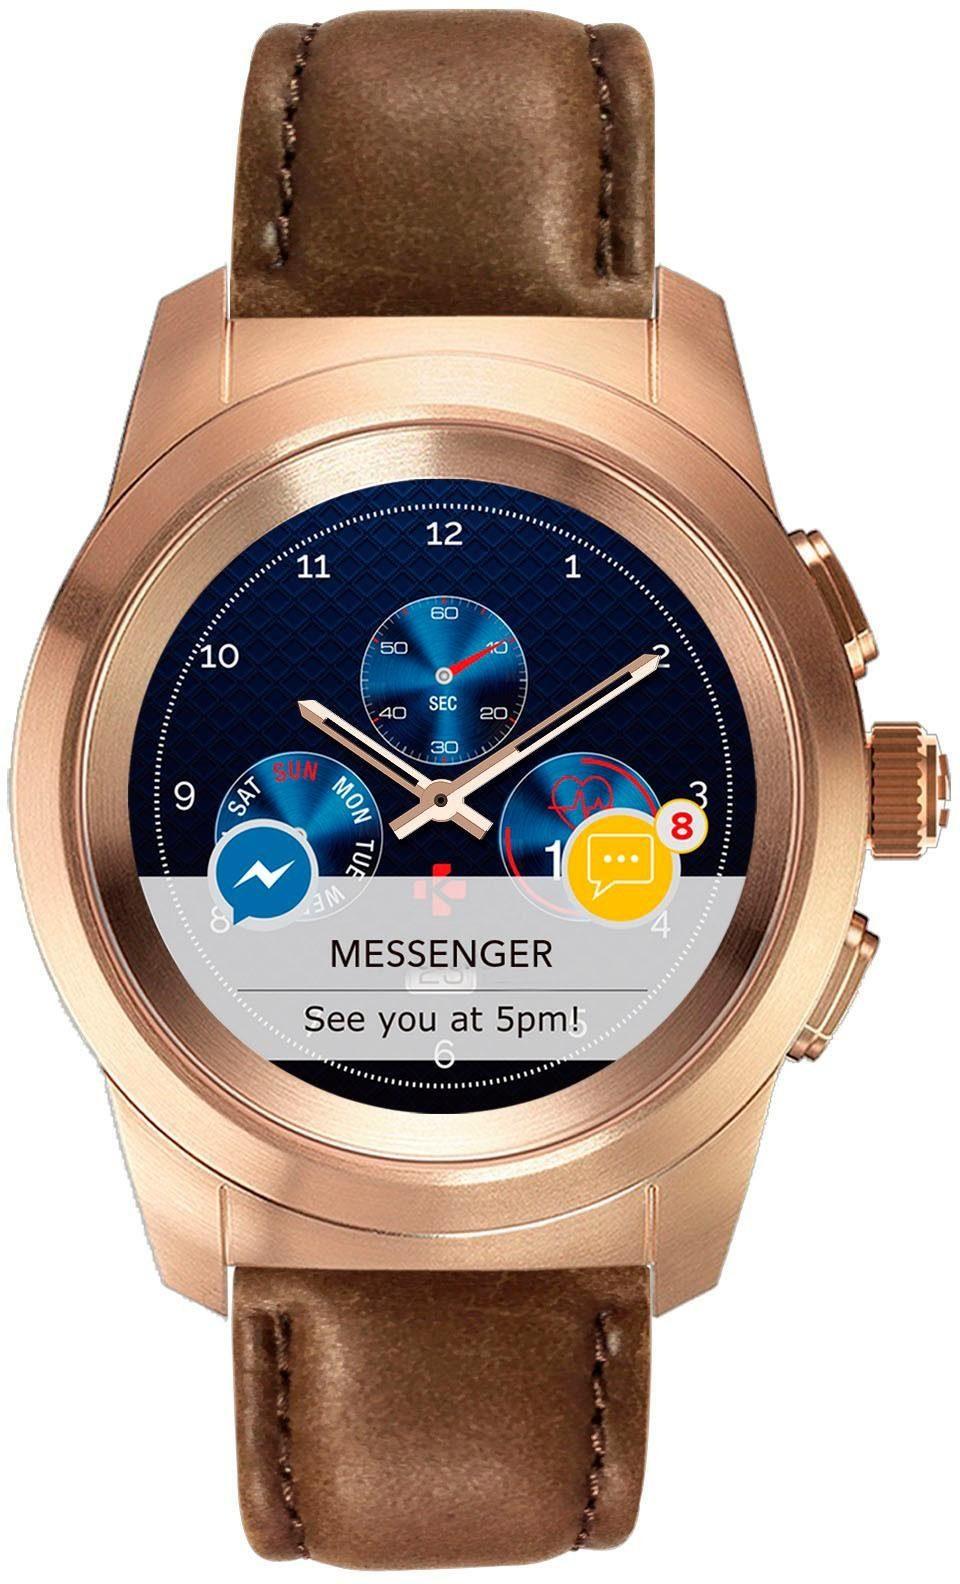 MYKRONOZ ZeTime Regular Premium Smartwatch (3,09 cm / 1, 22 Zoll) | Uhren > Smartwatches | Rosa | MYKRONOZ